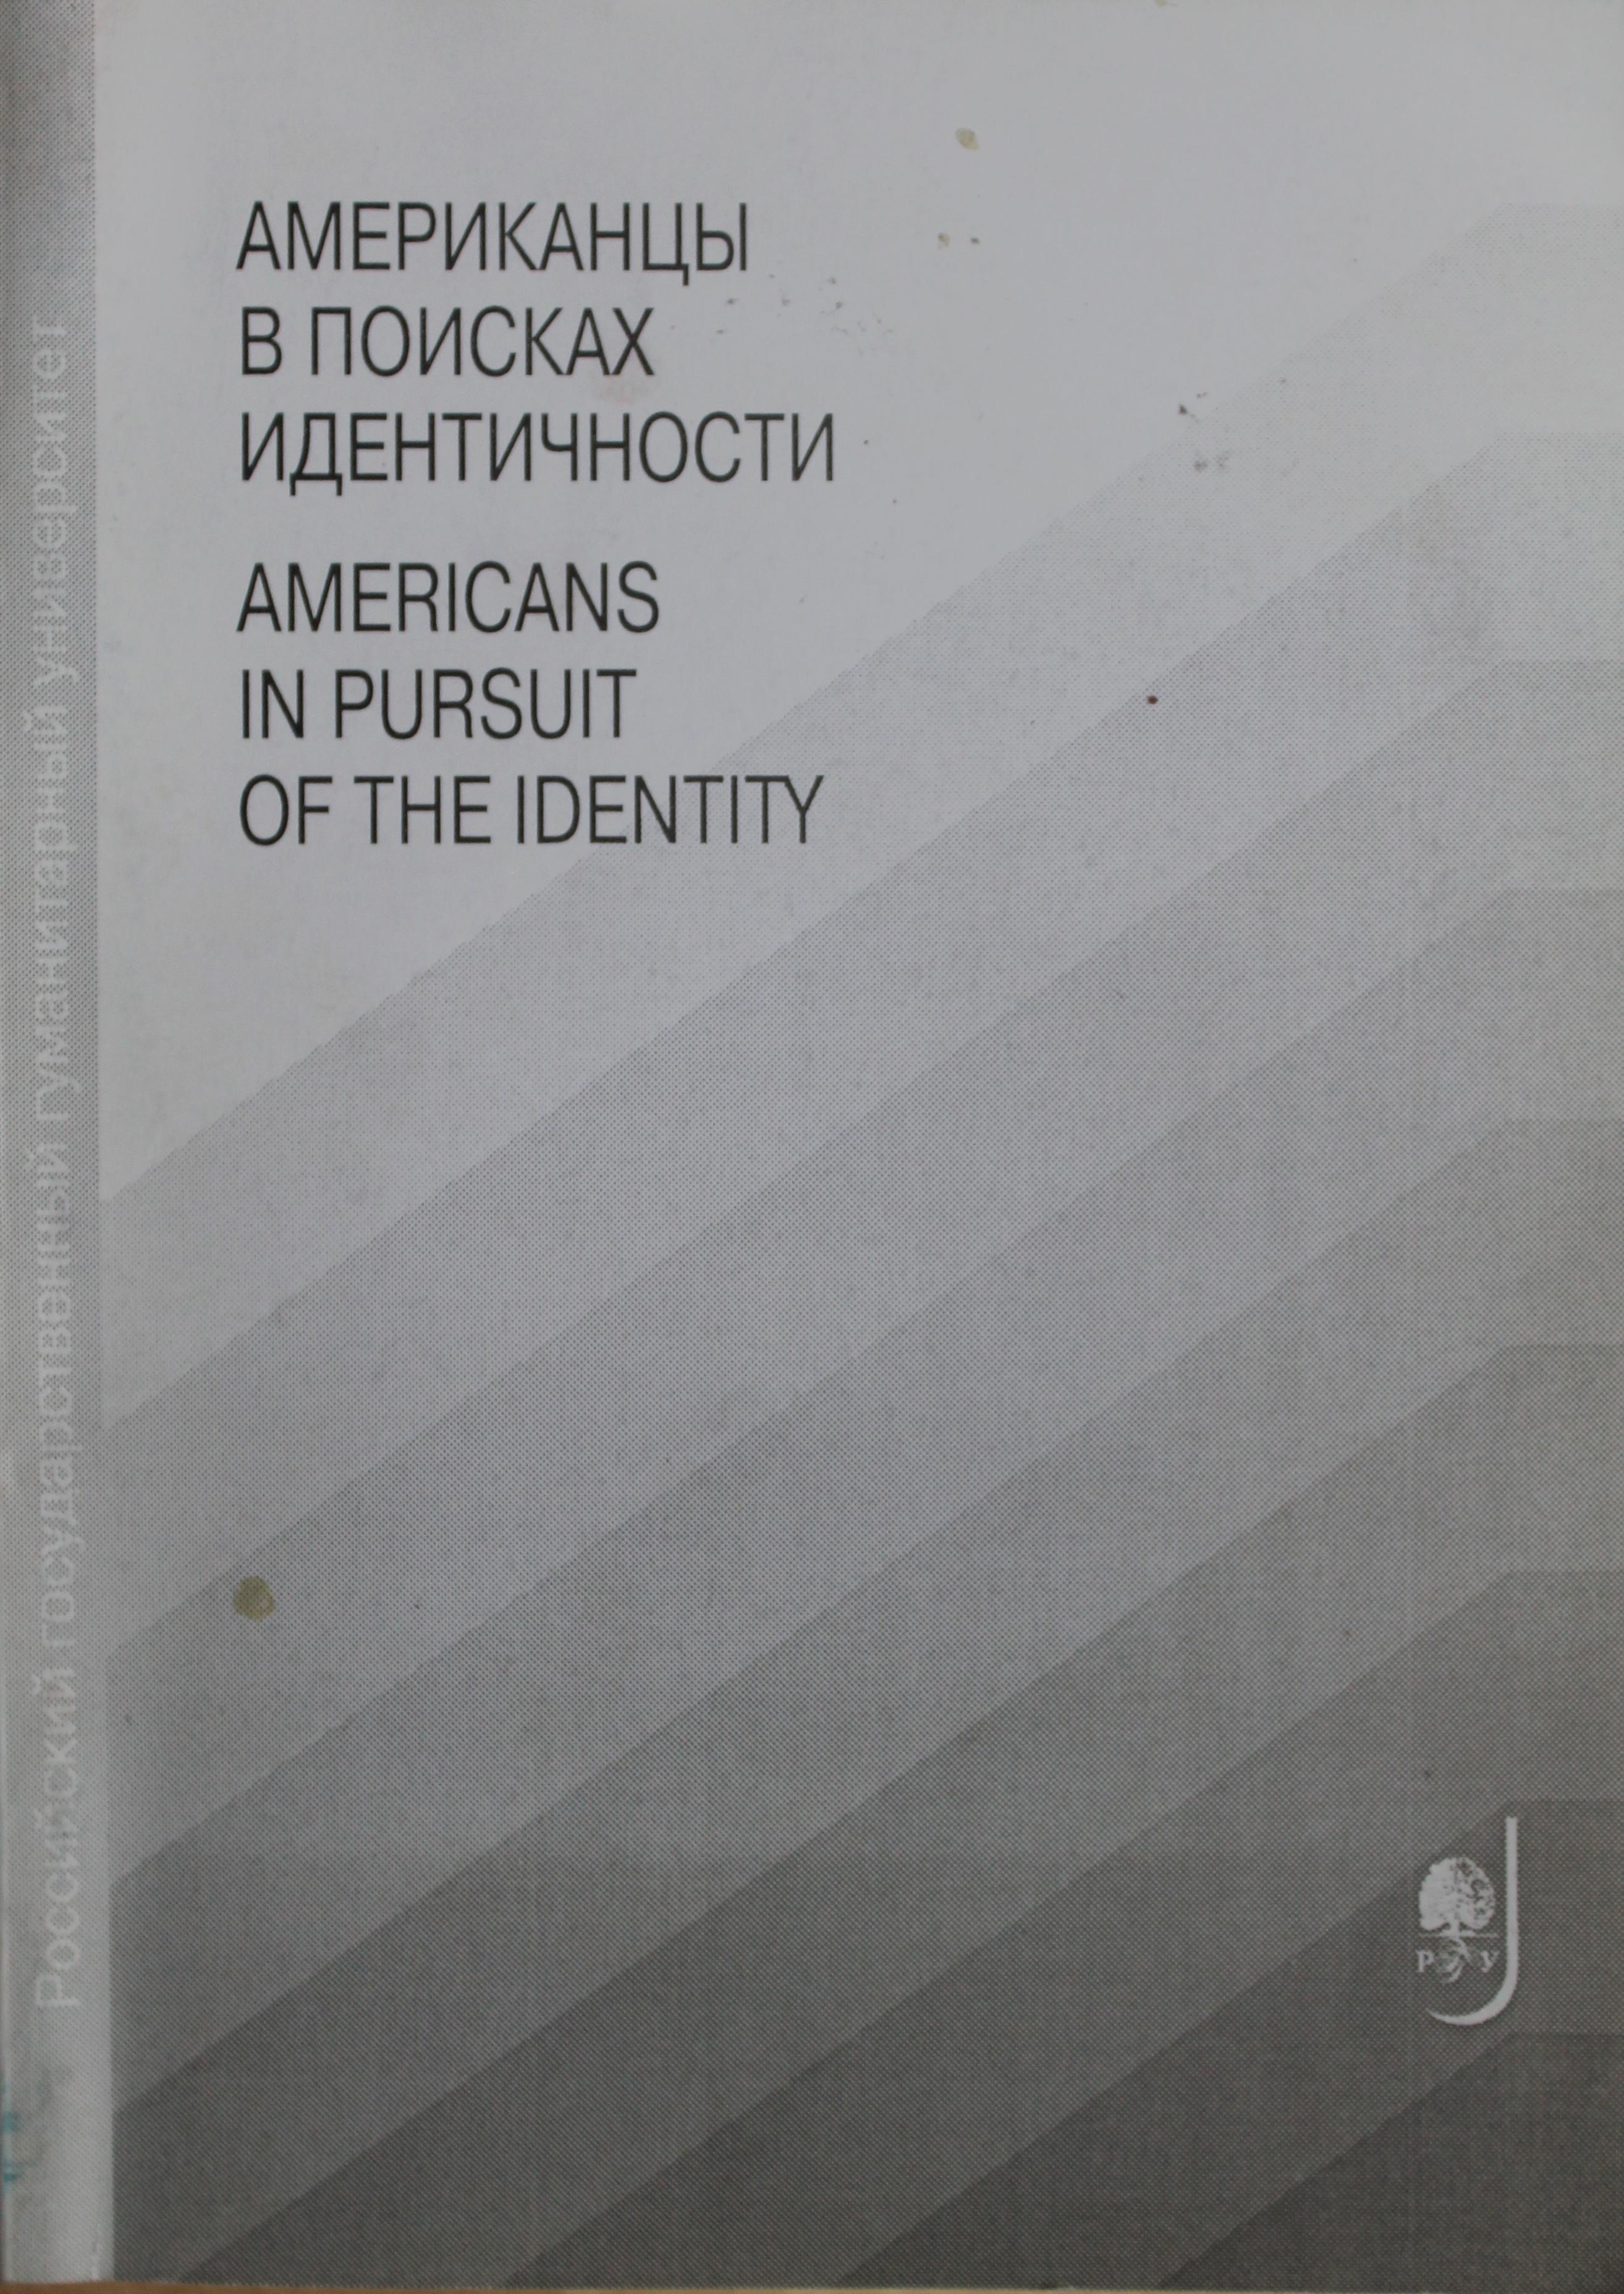 Обретение идентичности в контексте проблемного поля «Песни палача» Нормана Мейлера